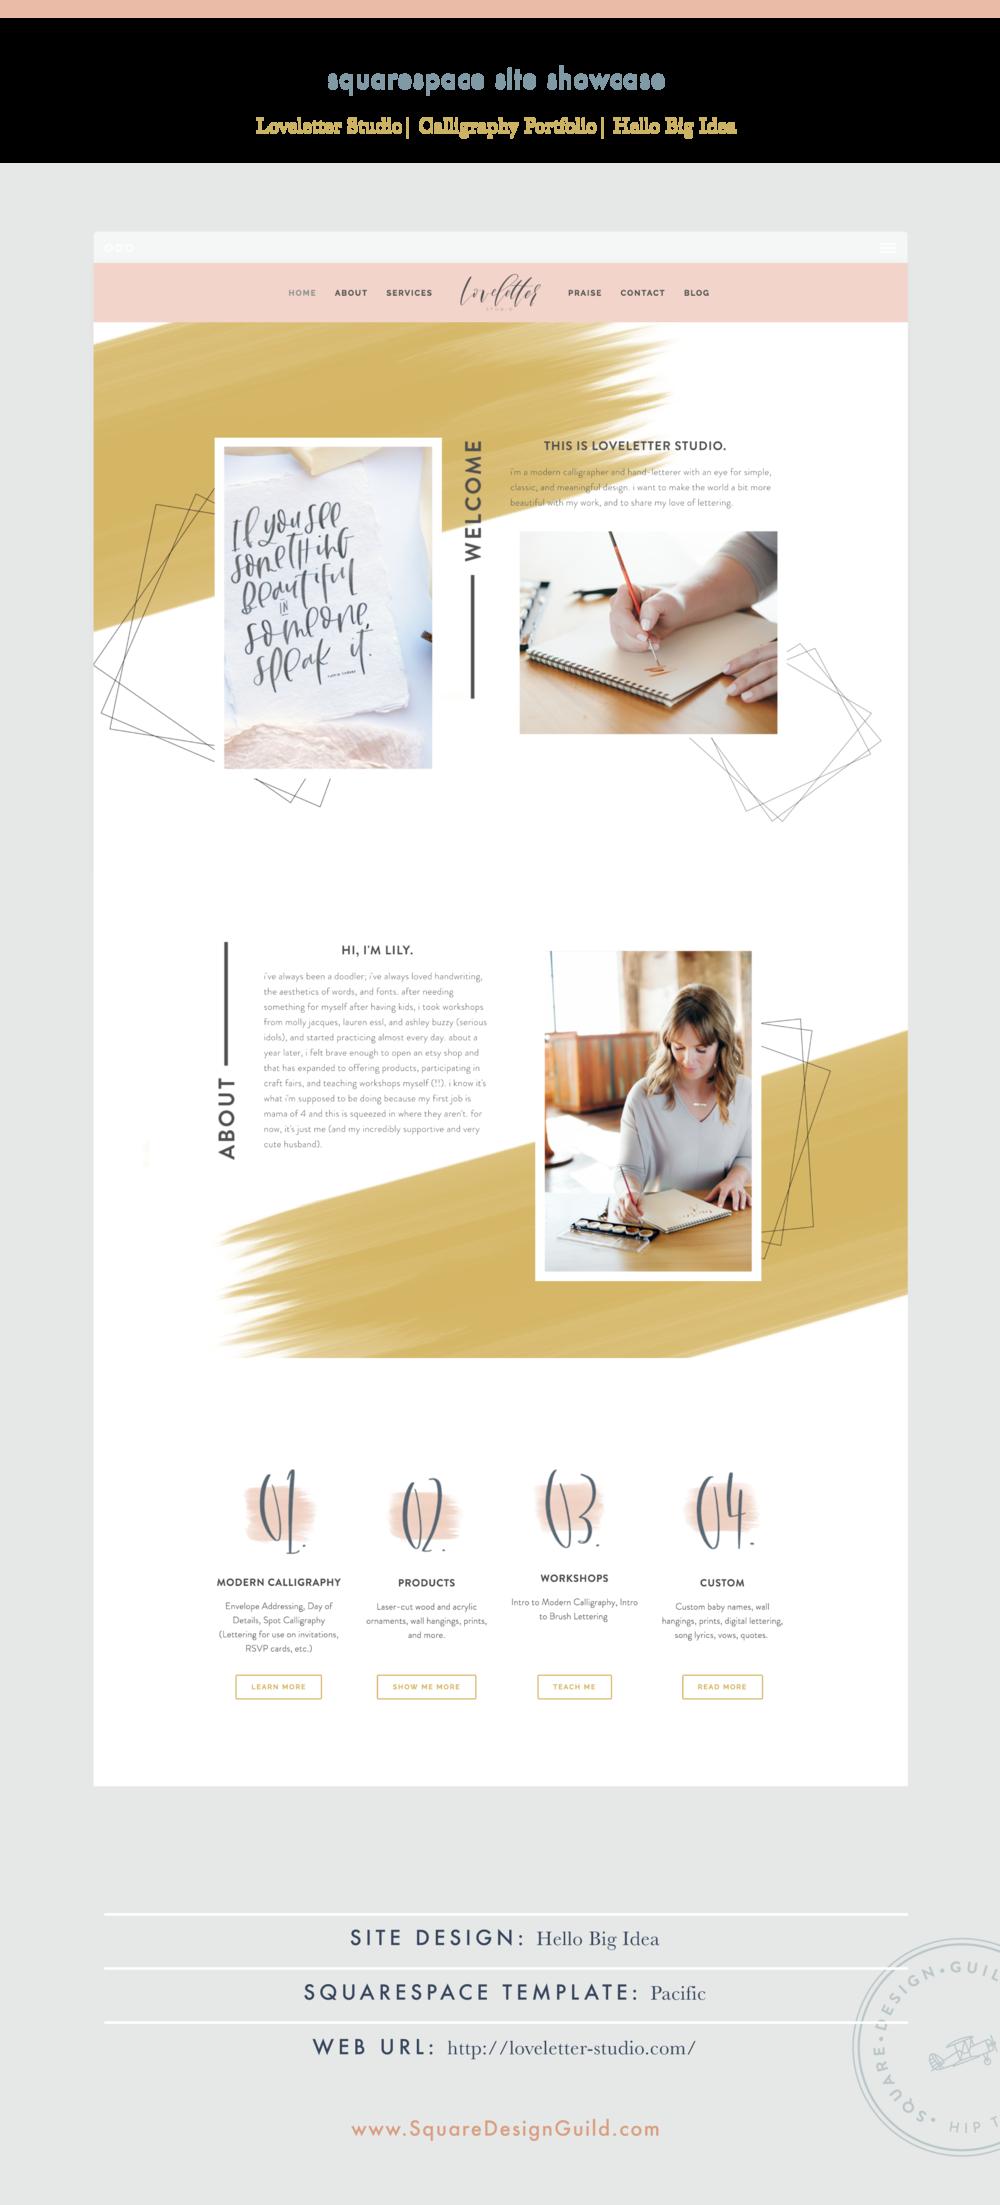 Square Design Guild | Squarespace Site Showcase | Loveletter Studio by Hello Big Idea on the Pacific Template